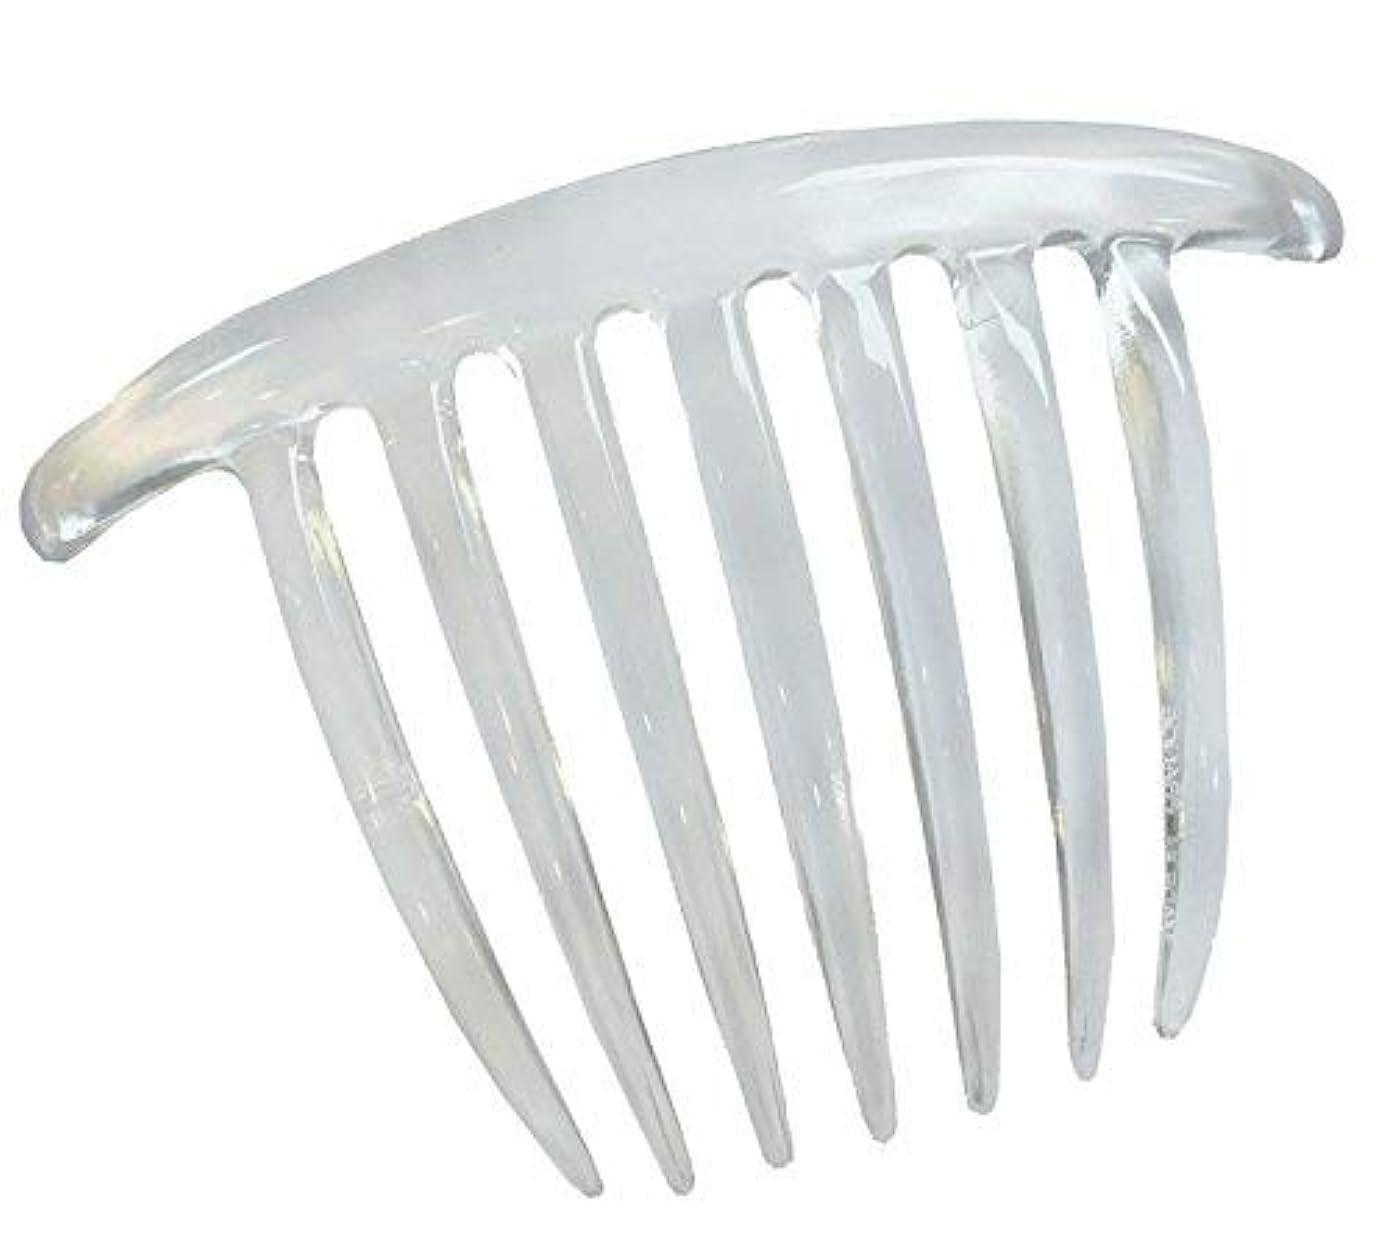 湿原洗剤受賞Parcelona French Twist 7 Teeths Large Celluloid Clear Hair Side Comb (Clear) [並行輸入品]